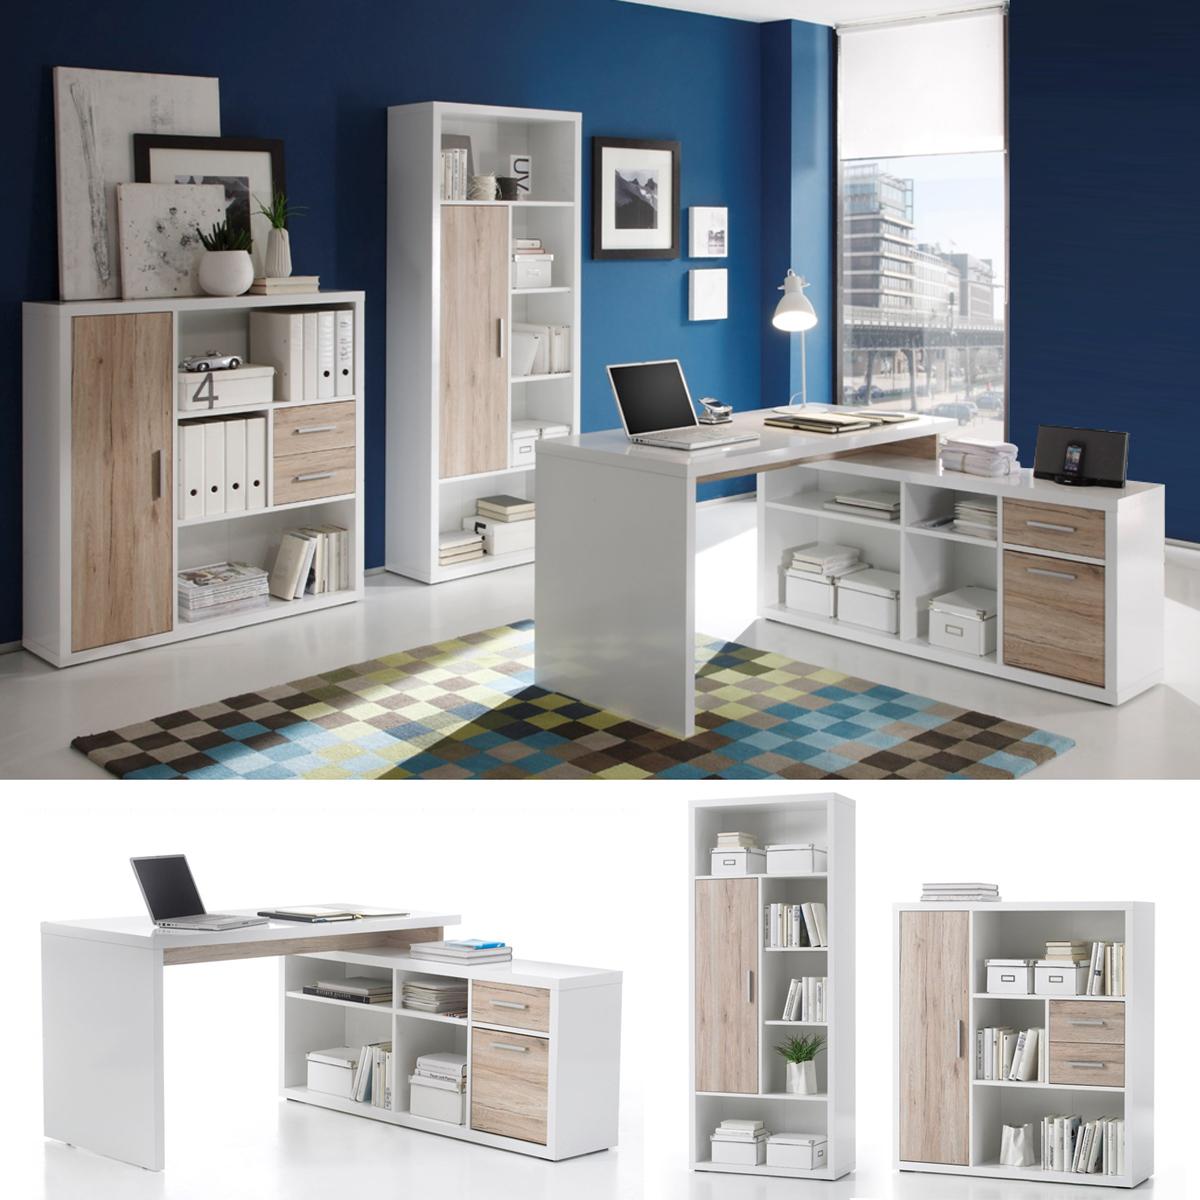 Büromöbel Tokyo 3-teilig Regal Highboard Schreibtisch glanz-weiß ...